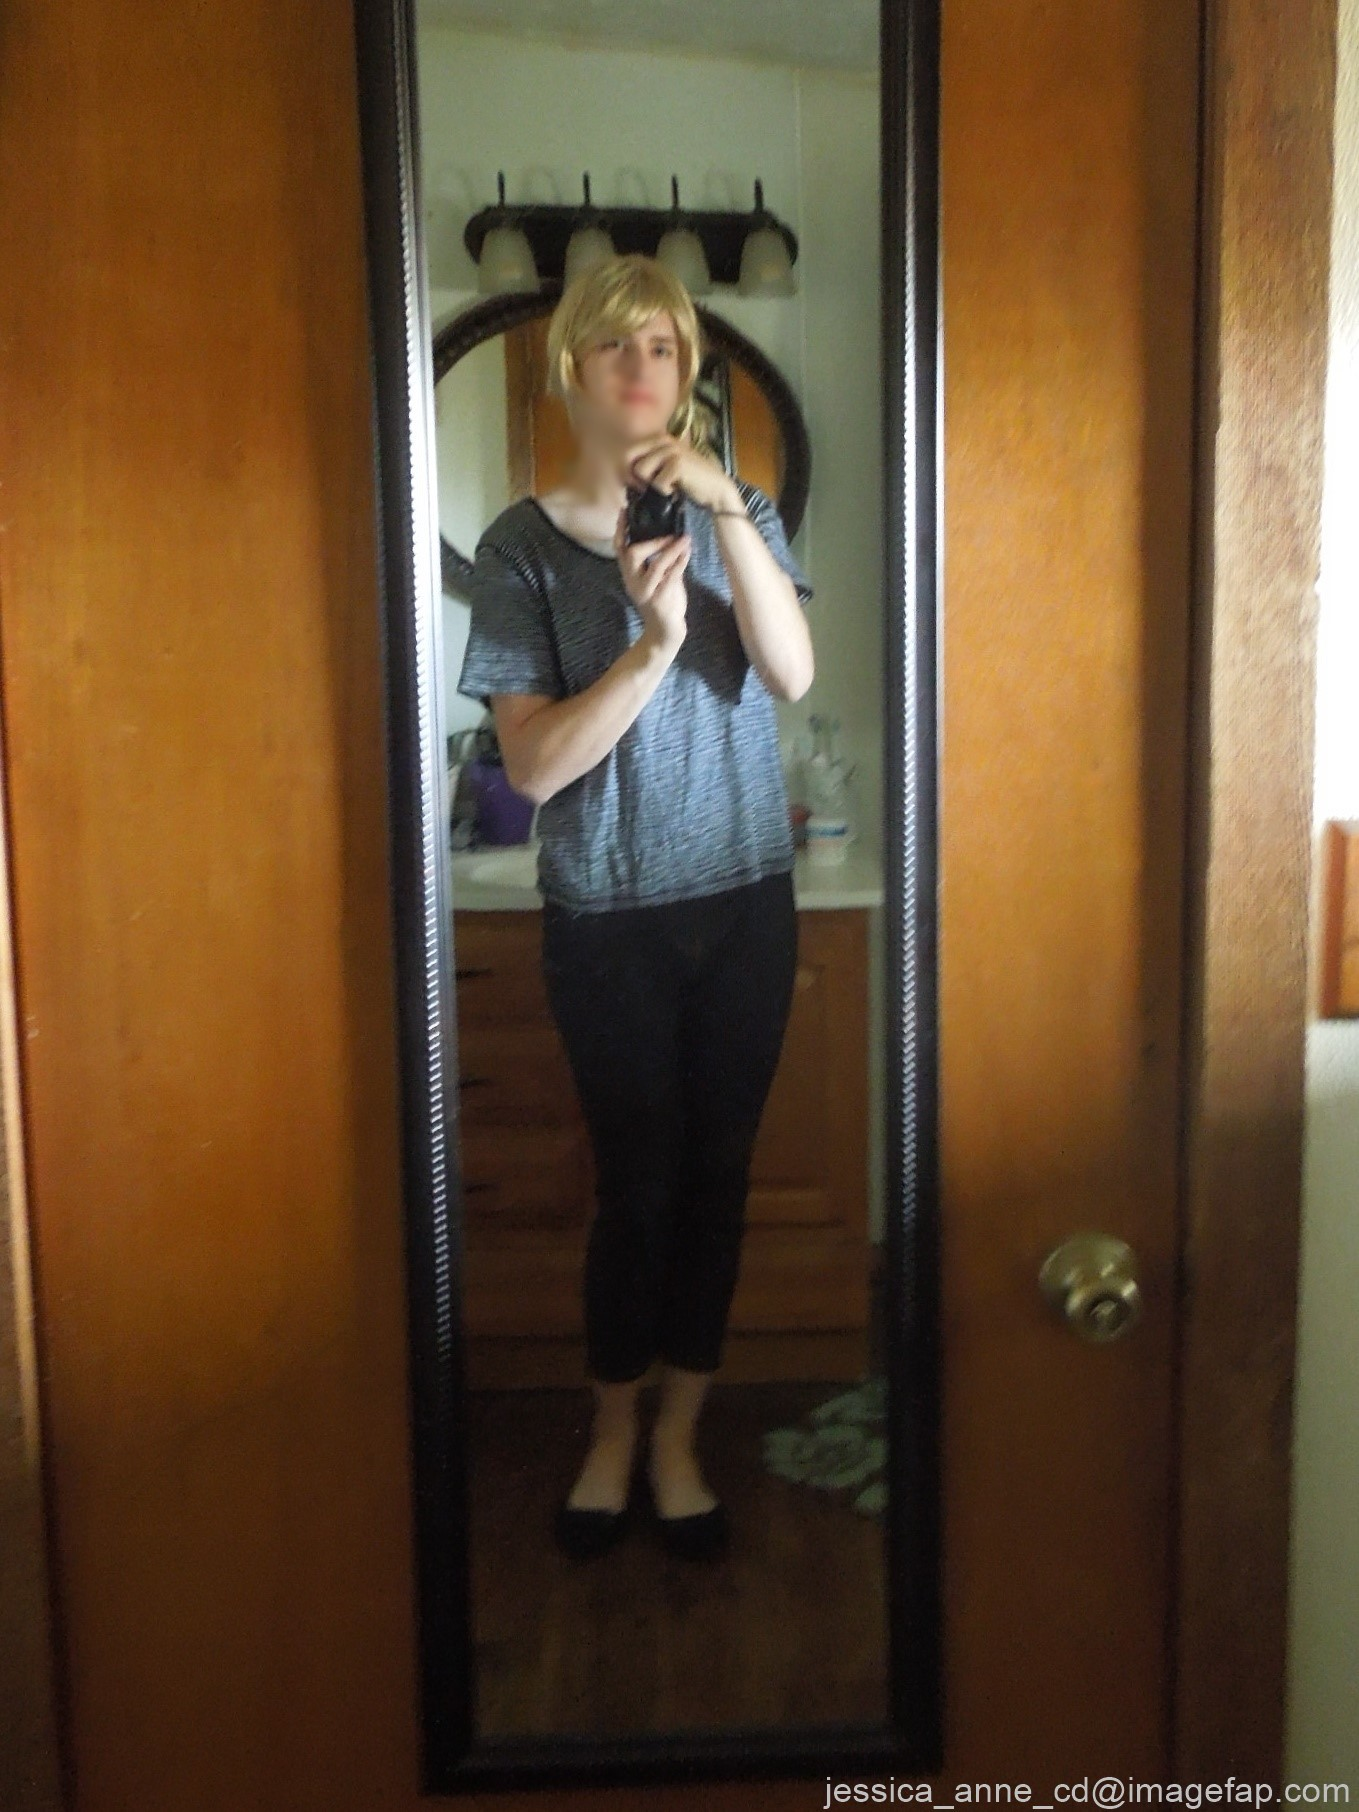 Девушка меняет разное белье перед зеркалом и показывает себя перед камерой, но скрывает лицо